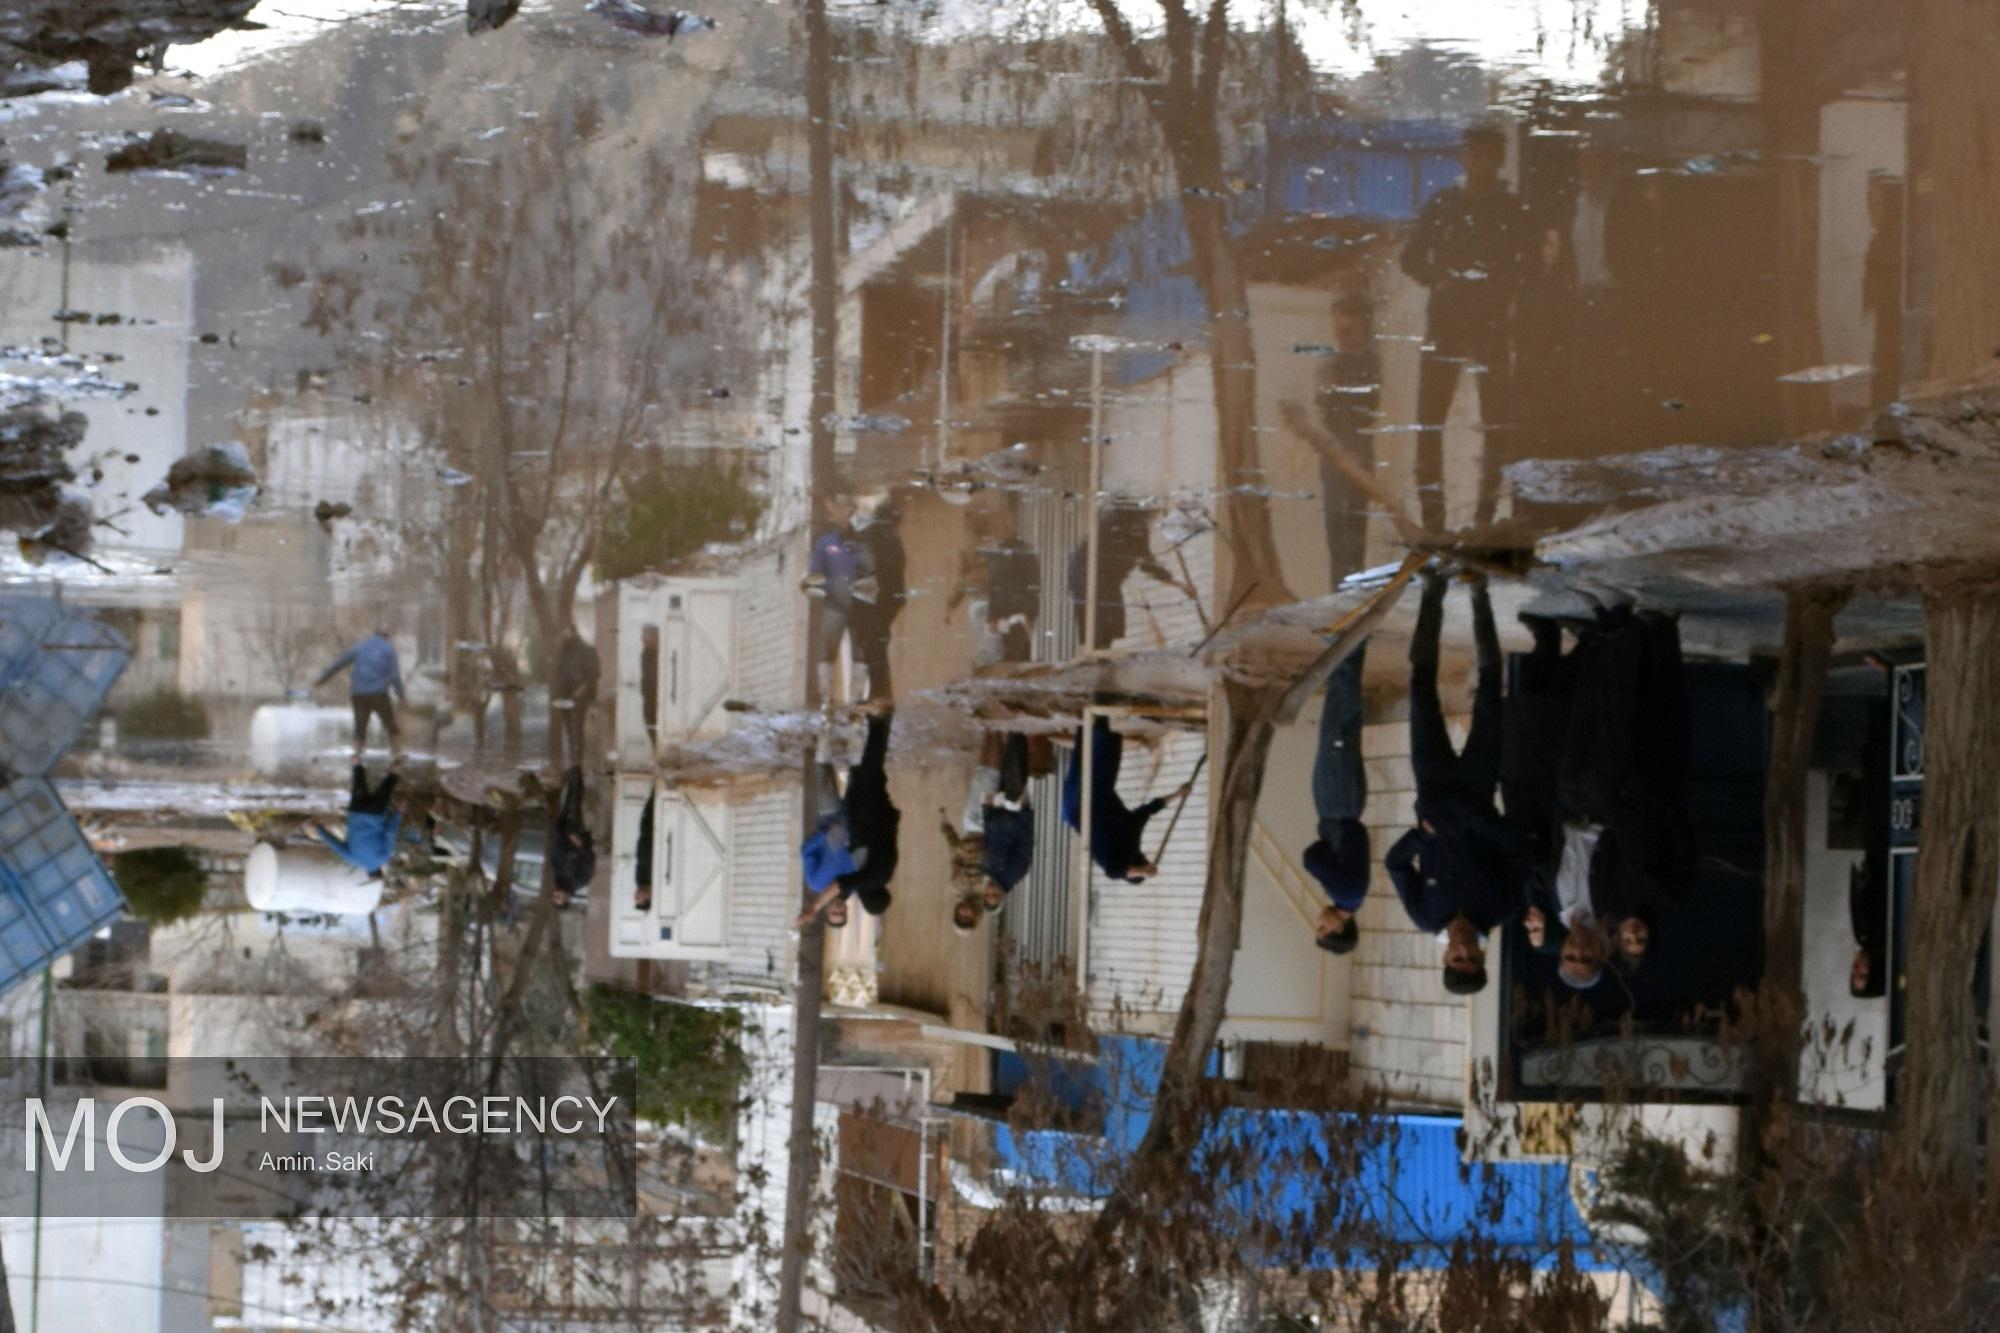 تصاویر دیده نشده از وقوع سیل در خرمآباد